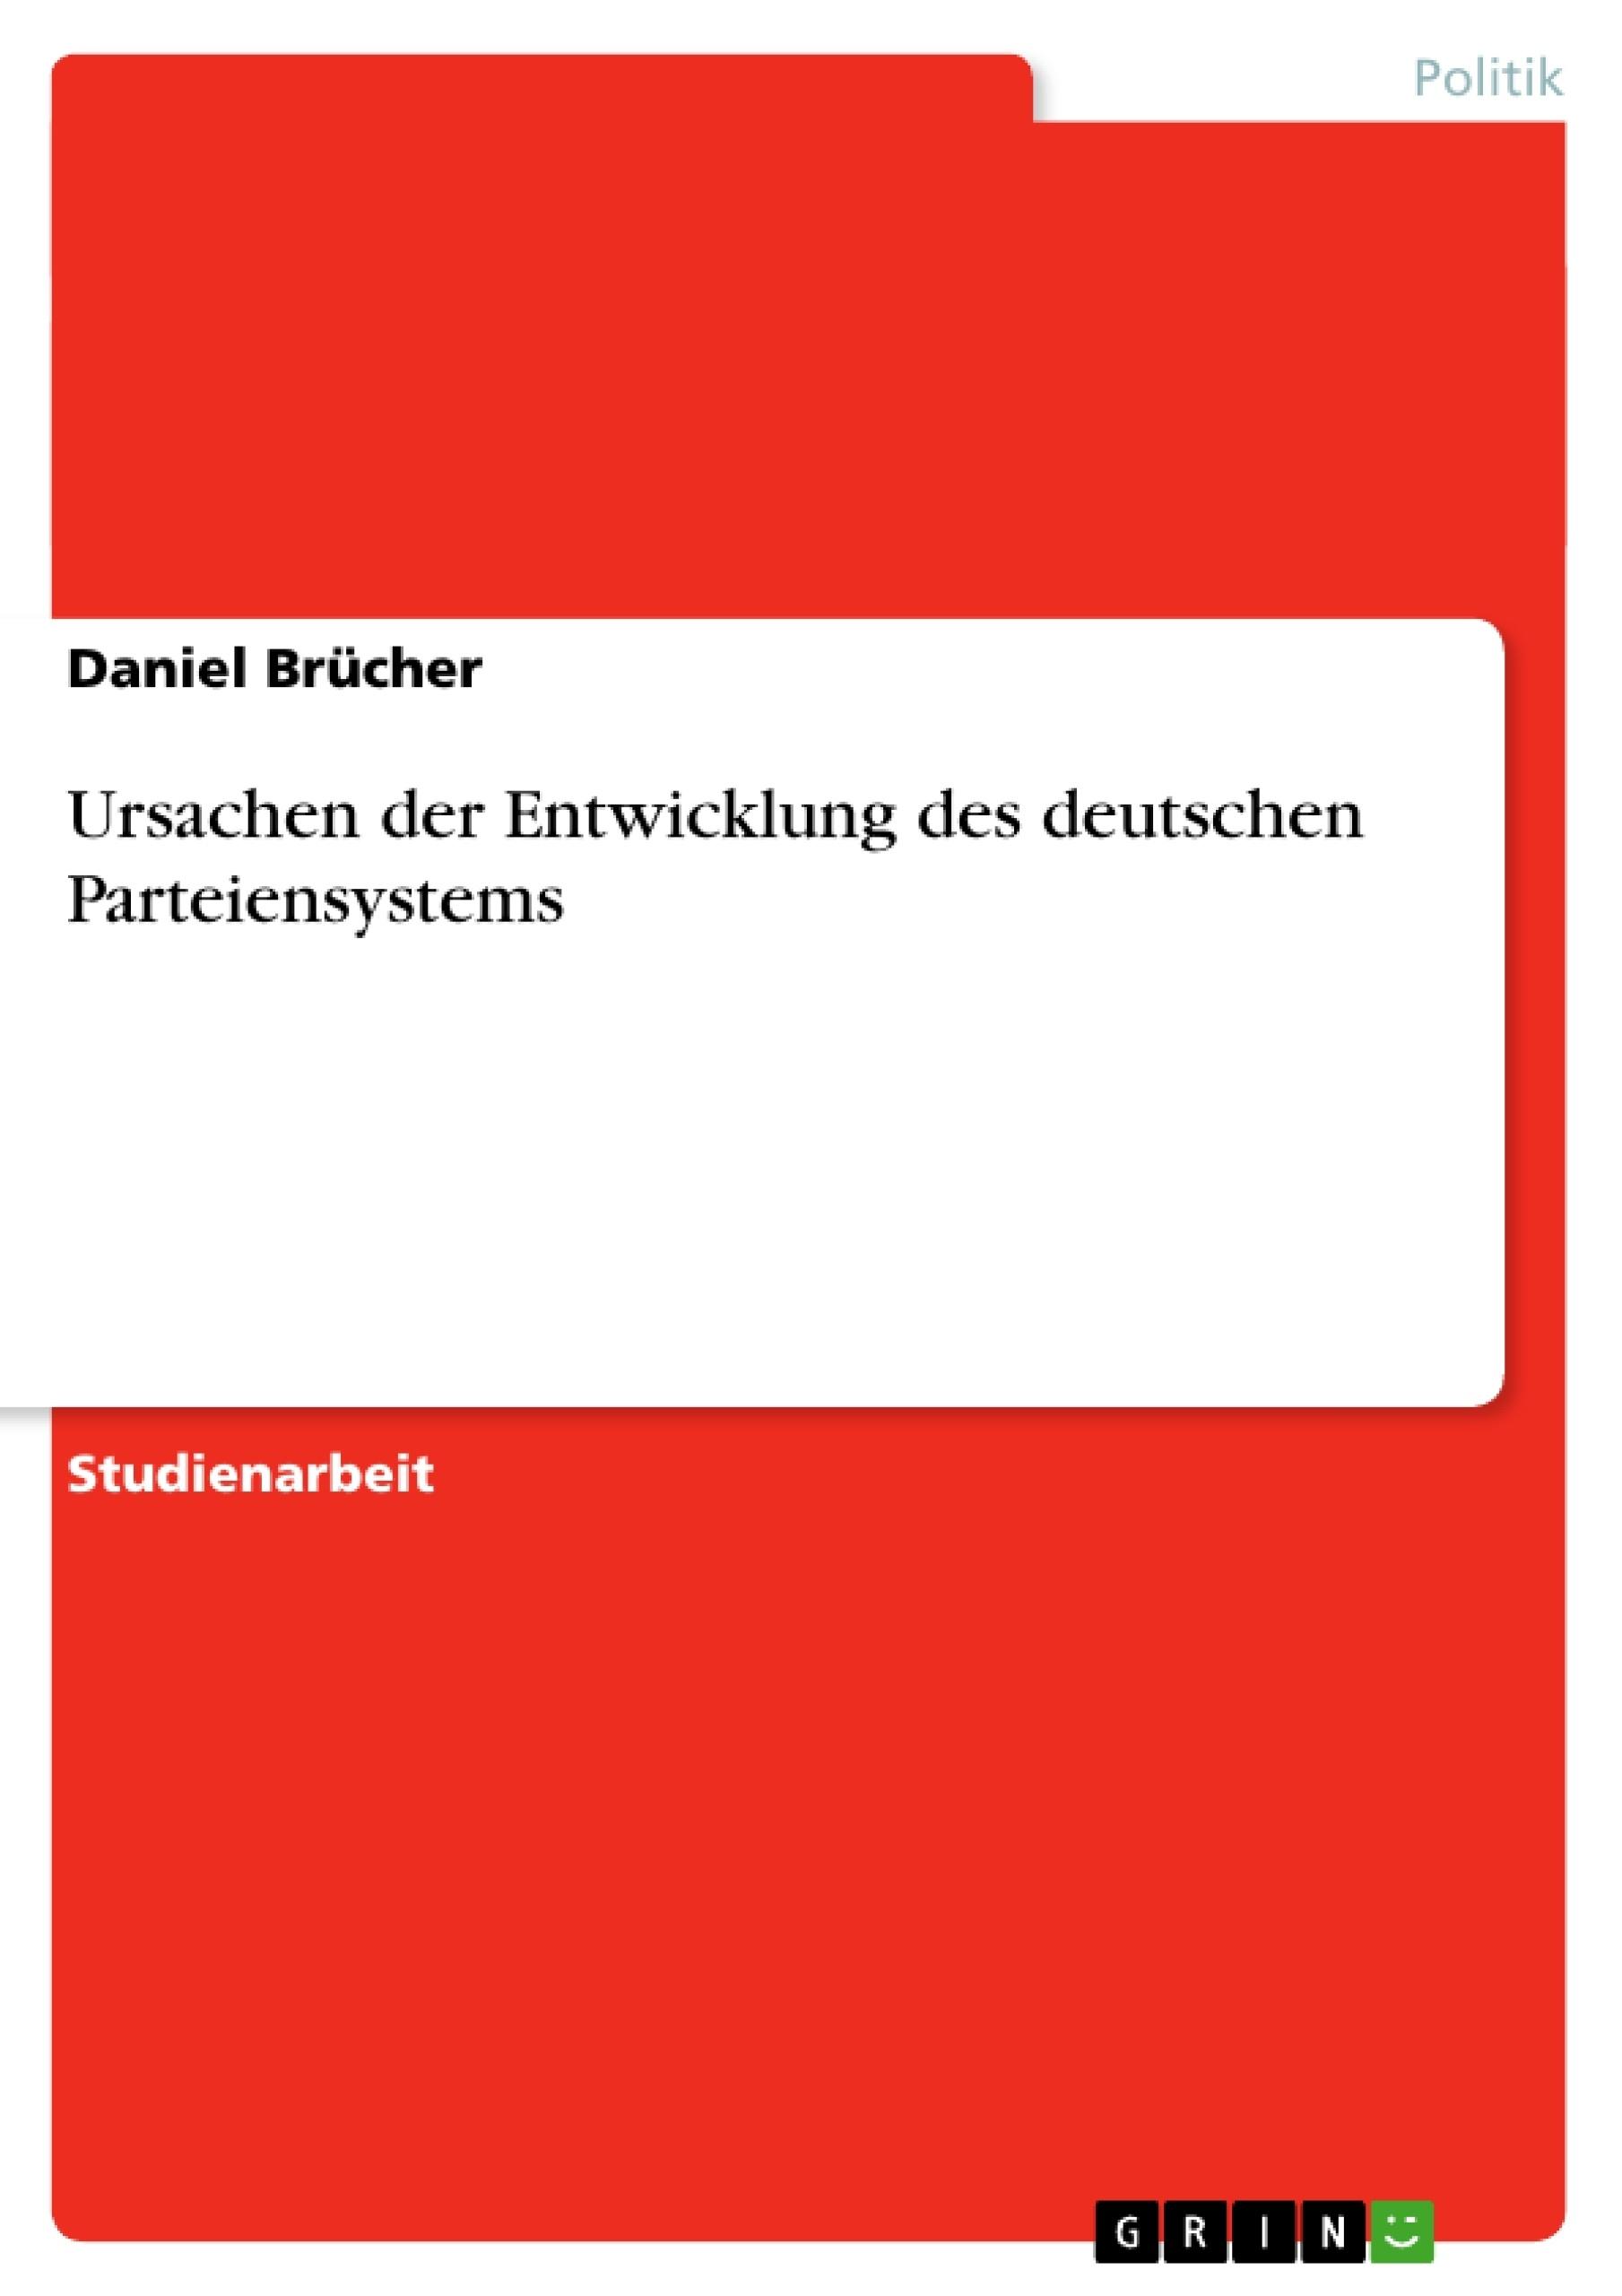 Titel: Ursachen der Entwicklung des deutschen Parteiensystems